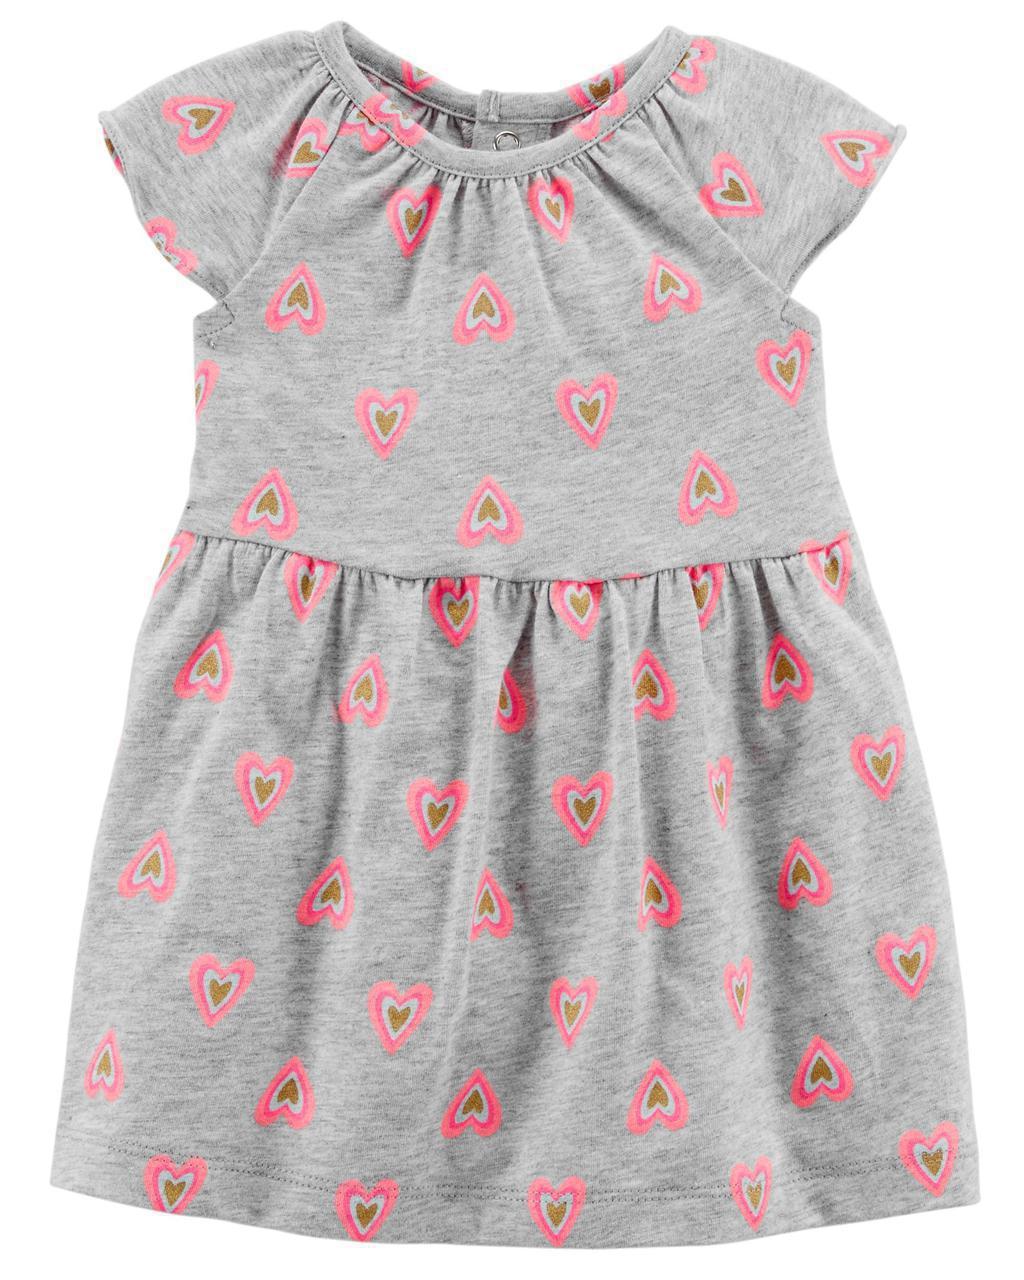 6cadd7b78a7 Летнее Платье + Трусики Carters для Девочки 9 Мес 67-72 См. Комплект ...